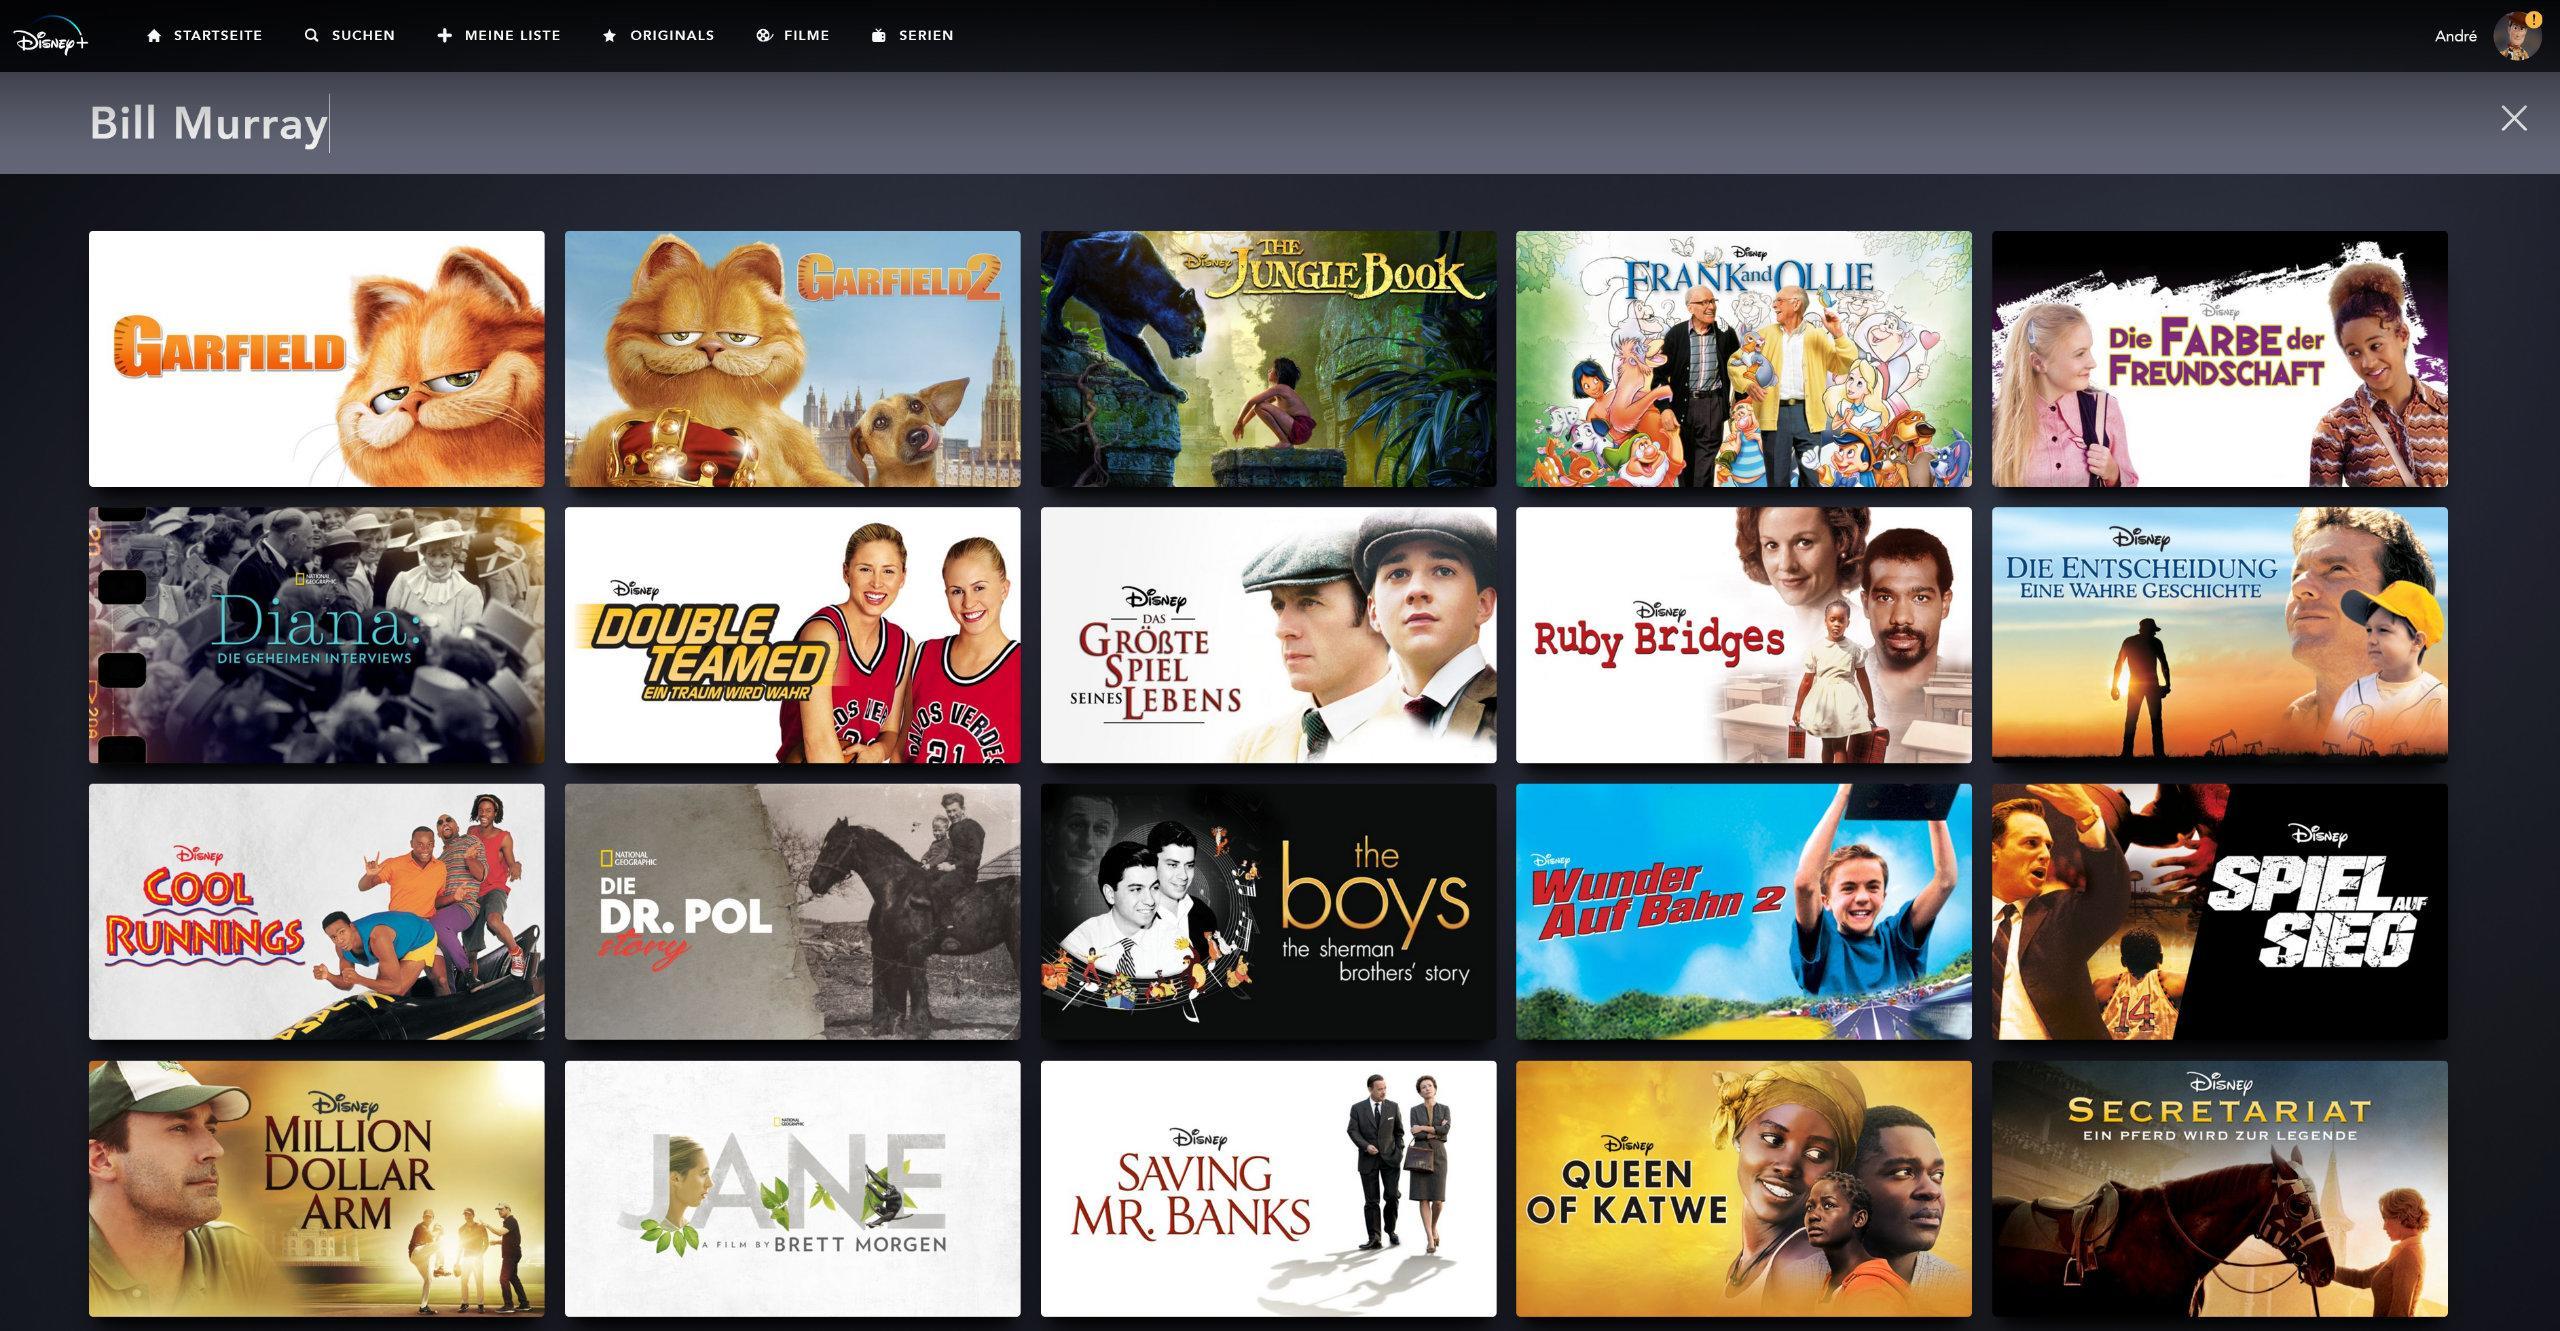 Filme Suchen Nach Inhalt